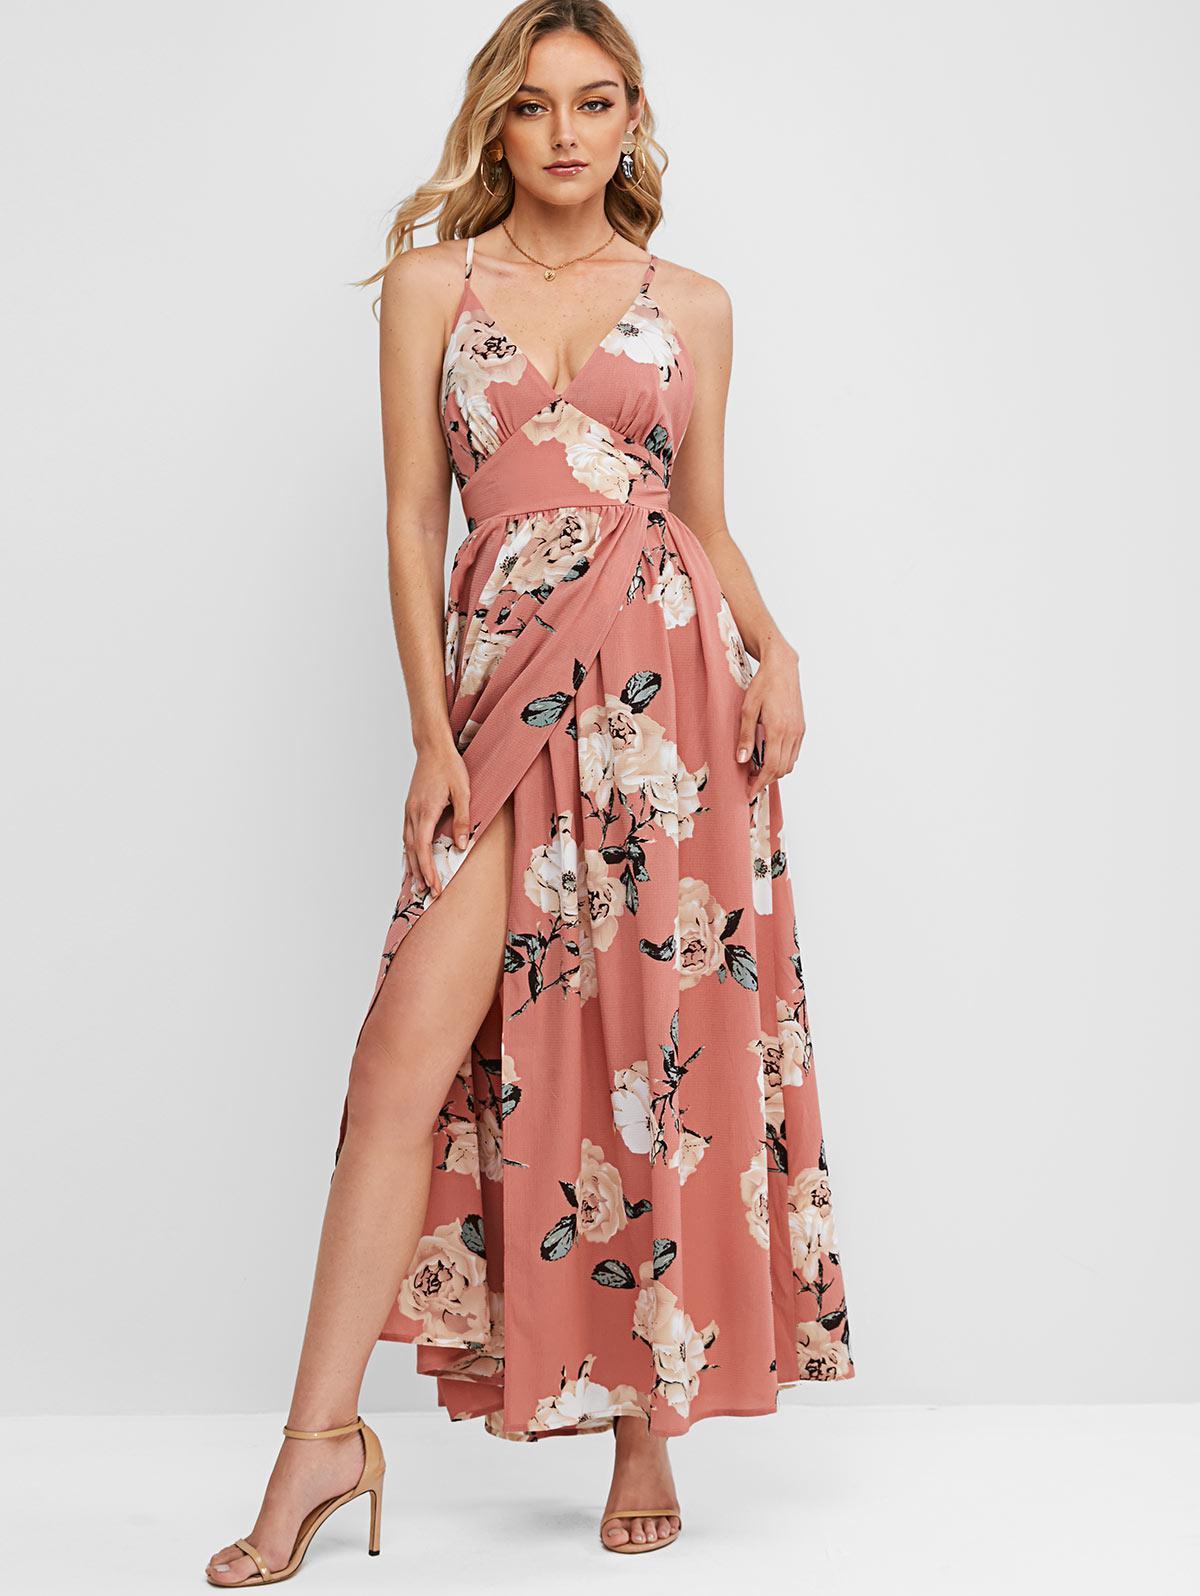 ZAFUL Flower Criss Cross Slit Empire Waist Dress